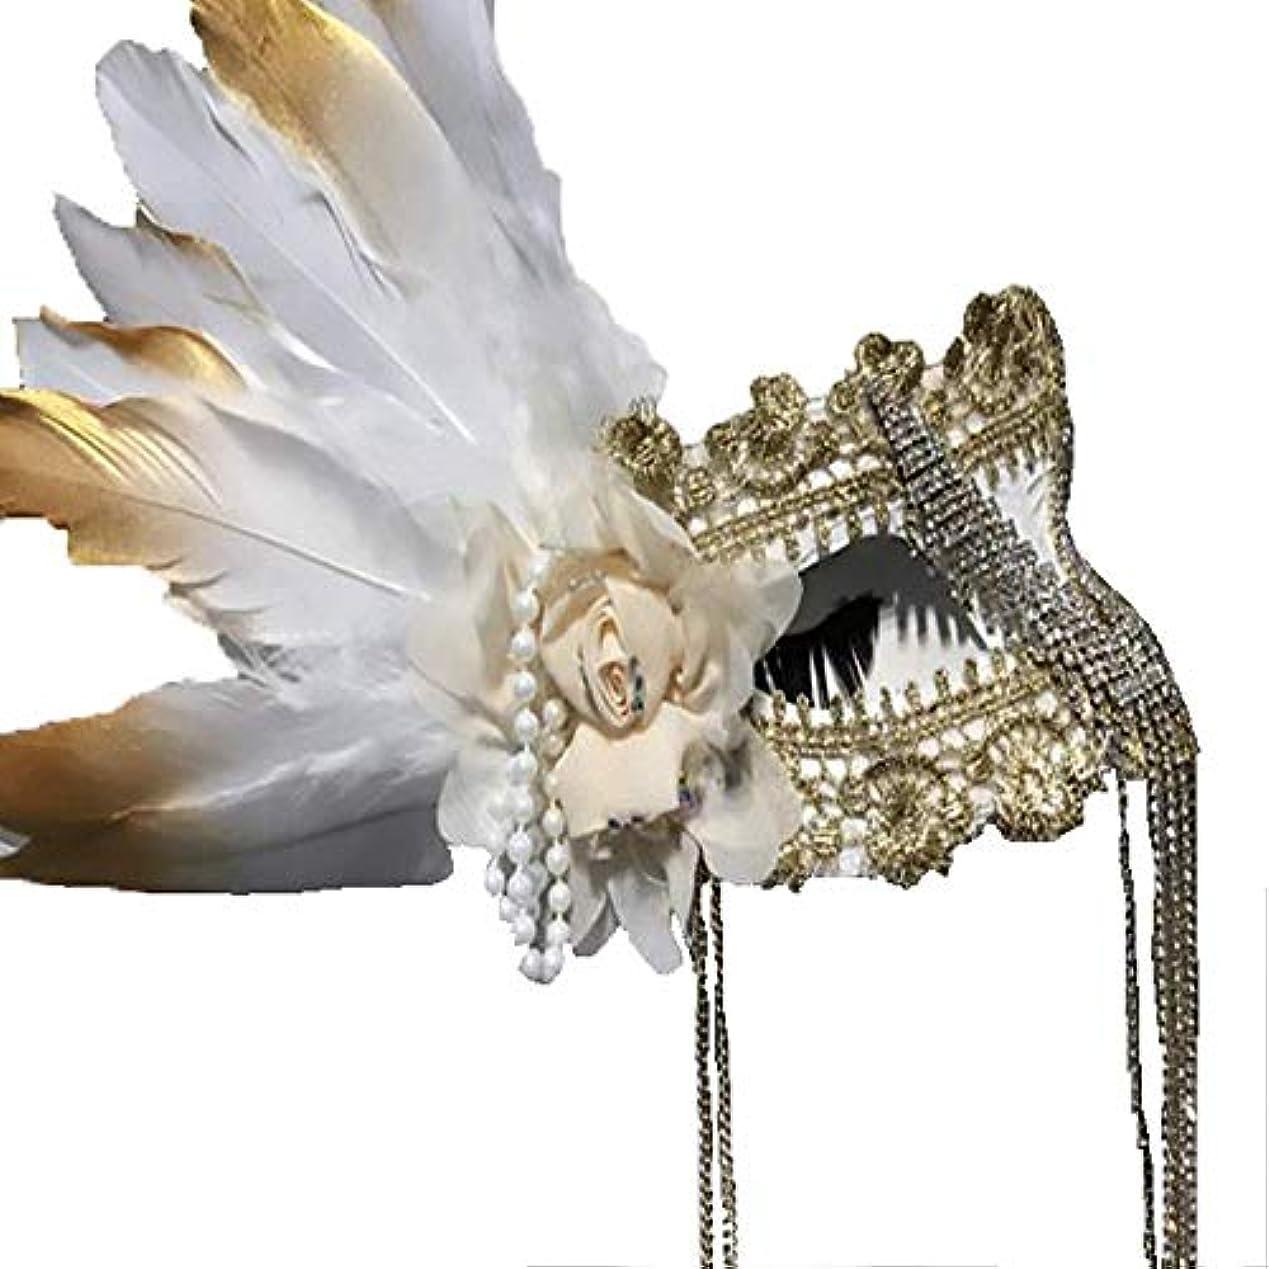 荒廃する復讐天皇Nanle ハロウィーンのラインストーンフリンジフェザー刺繍花マスク仮装マスクレディミスプリンセス美容祭パーティーデコレーションマスク